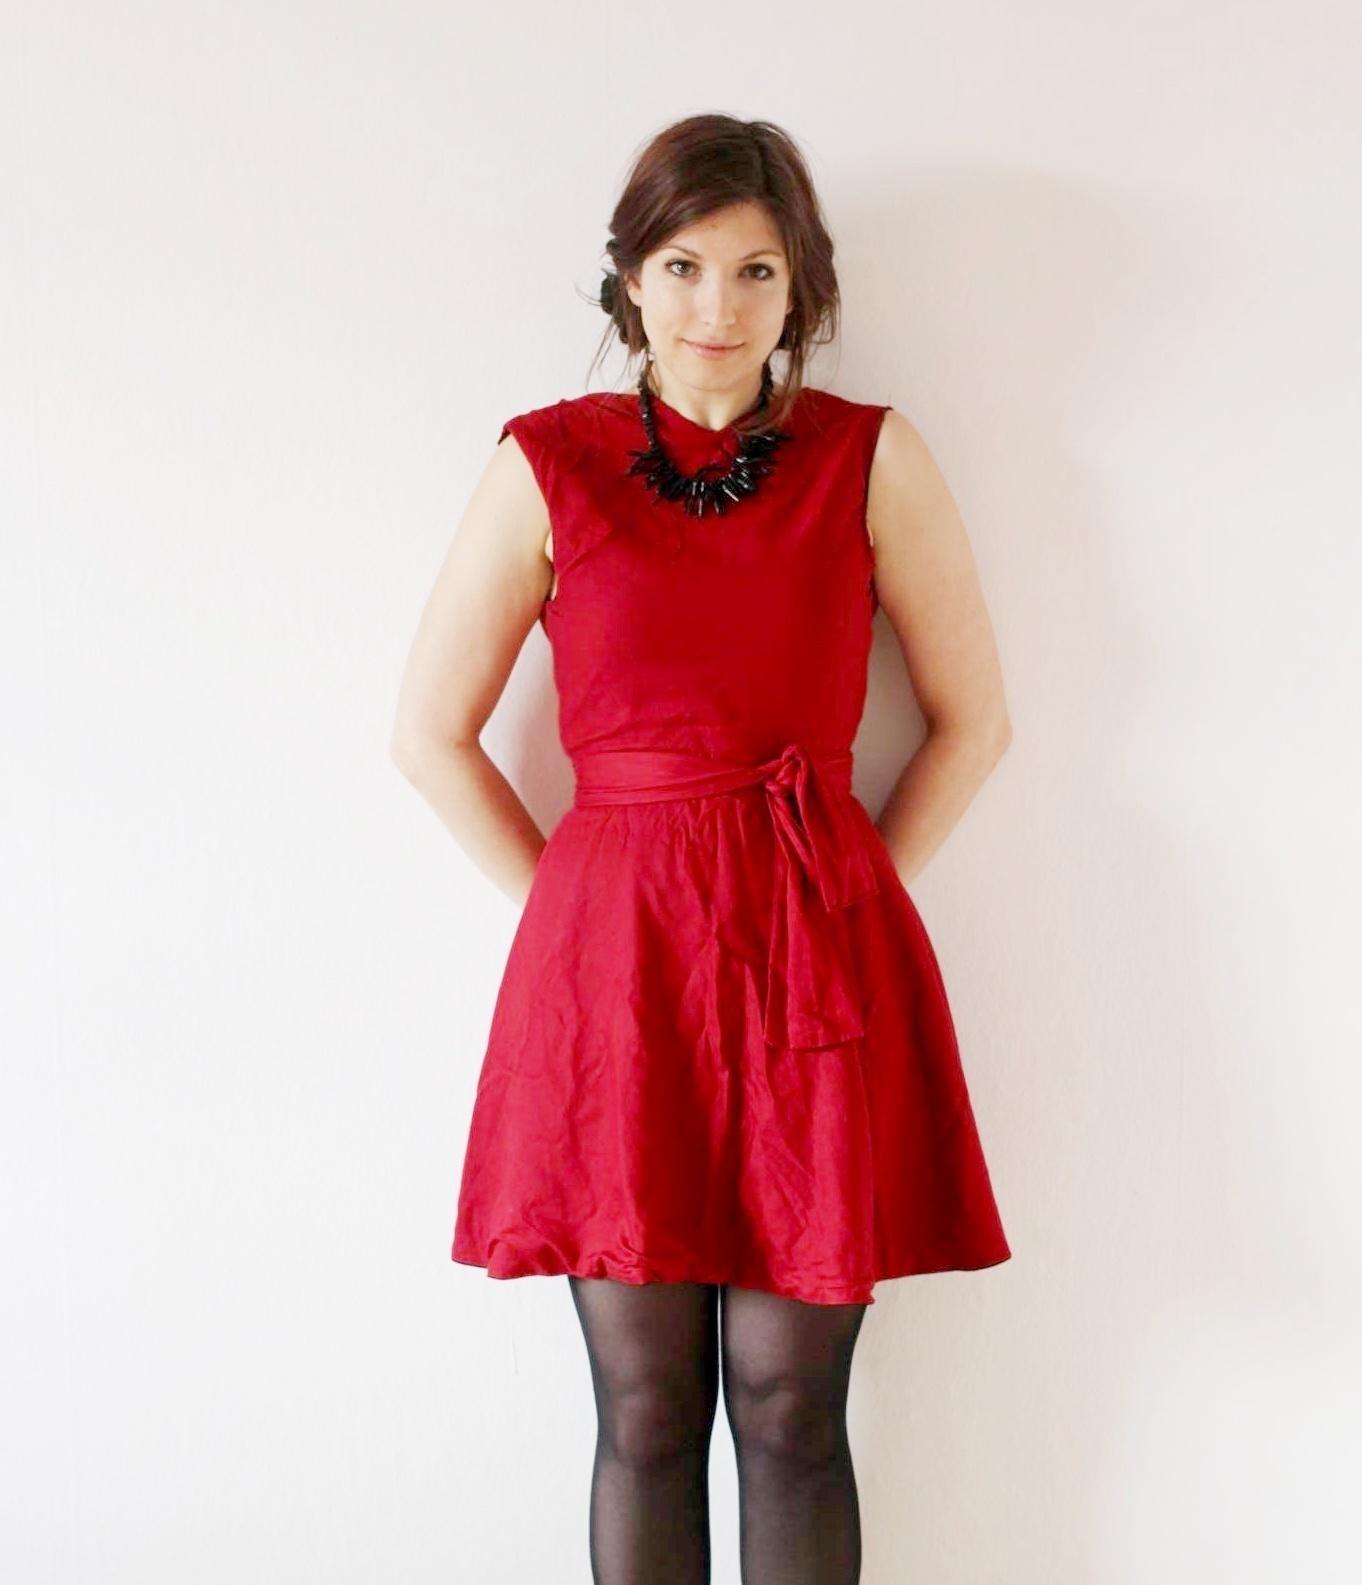 A new 'dress'